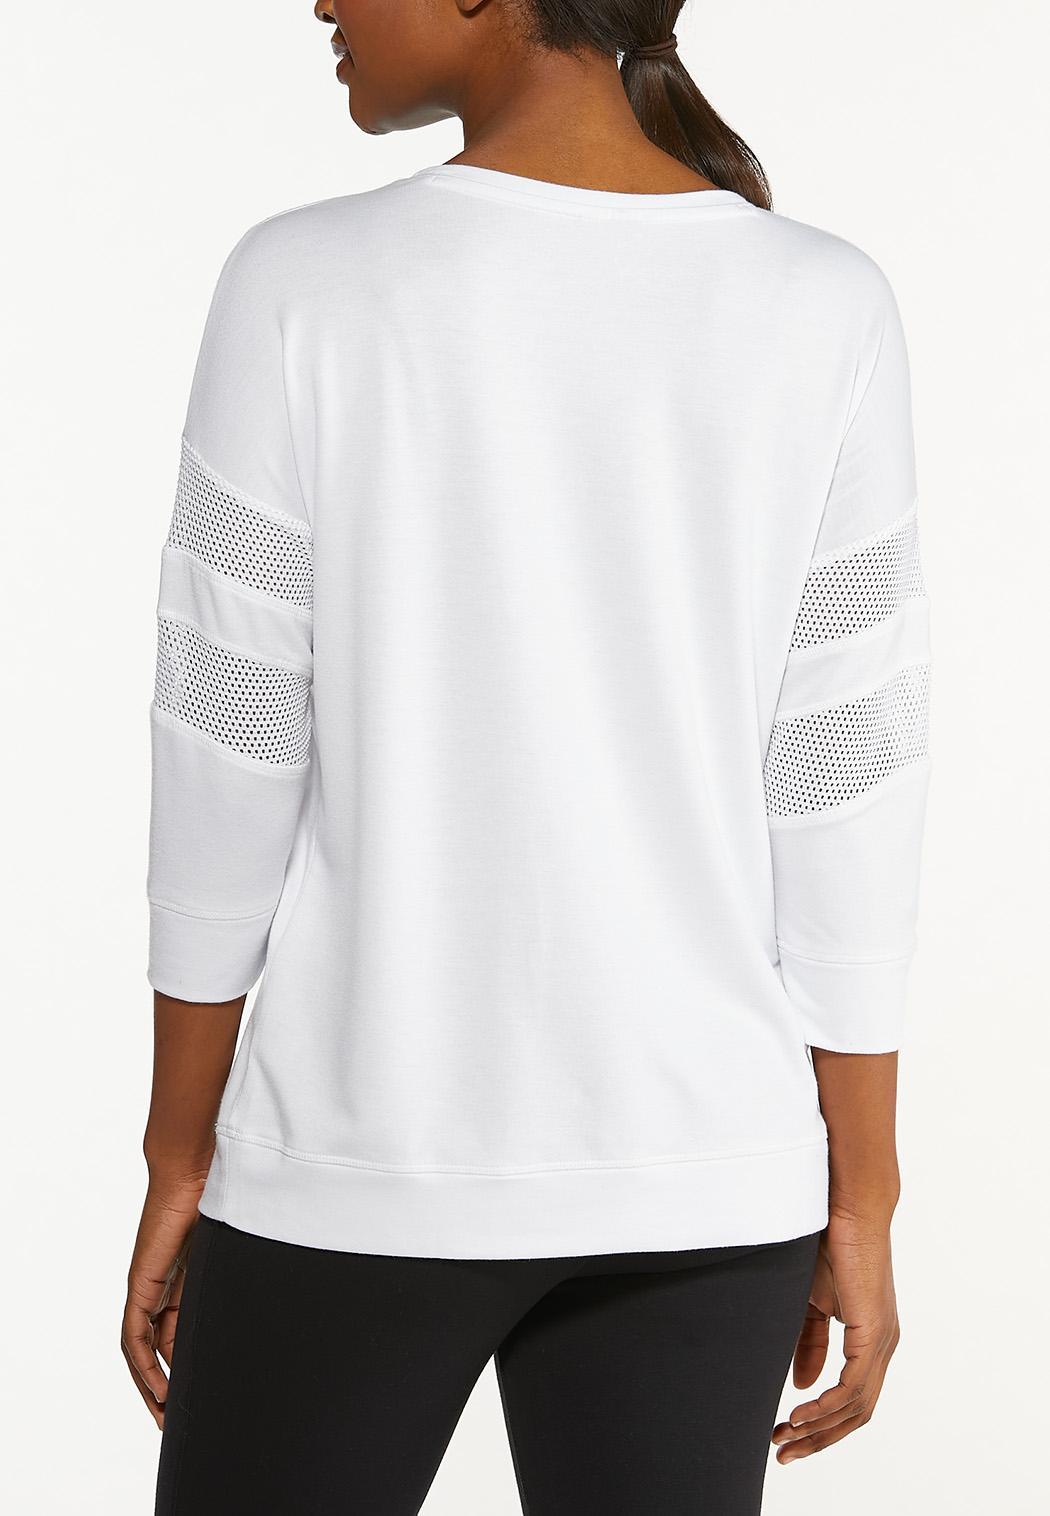 Plus Size White Lace Inset Sweatshirt (Item #44549131)